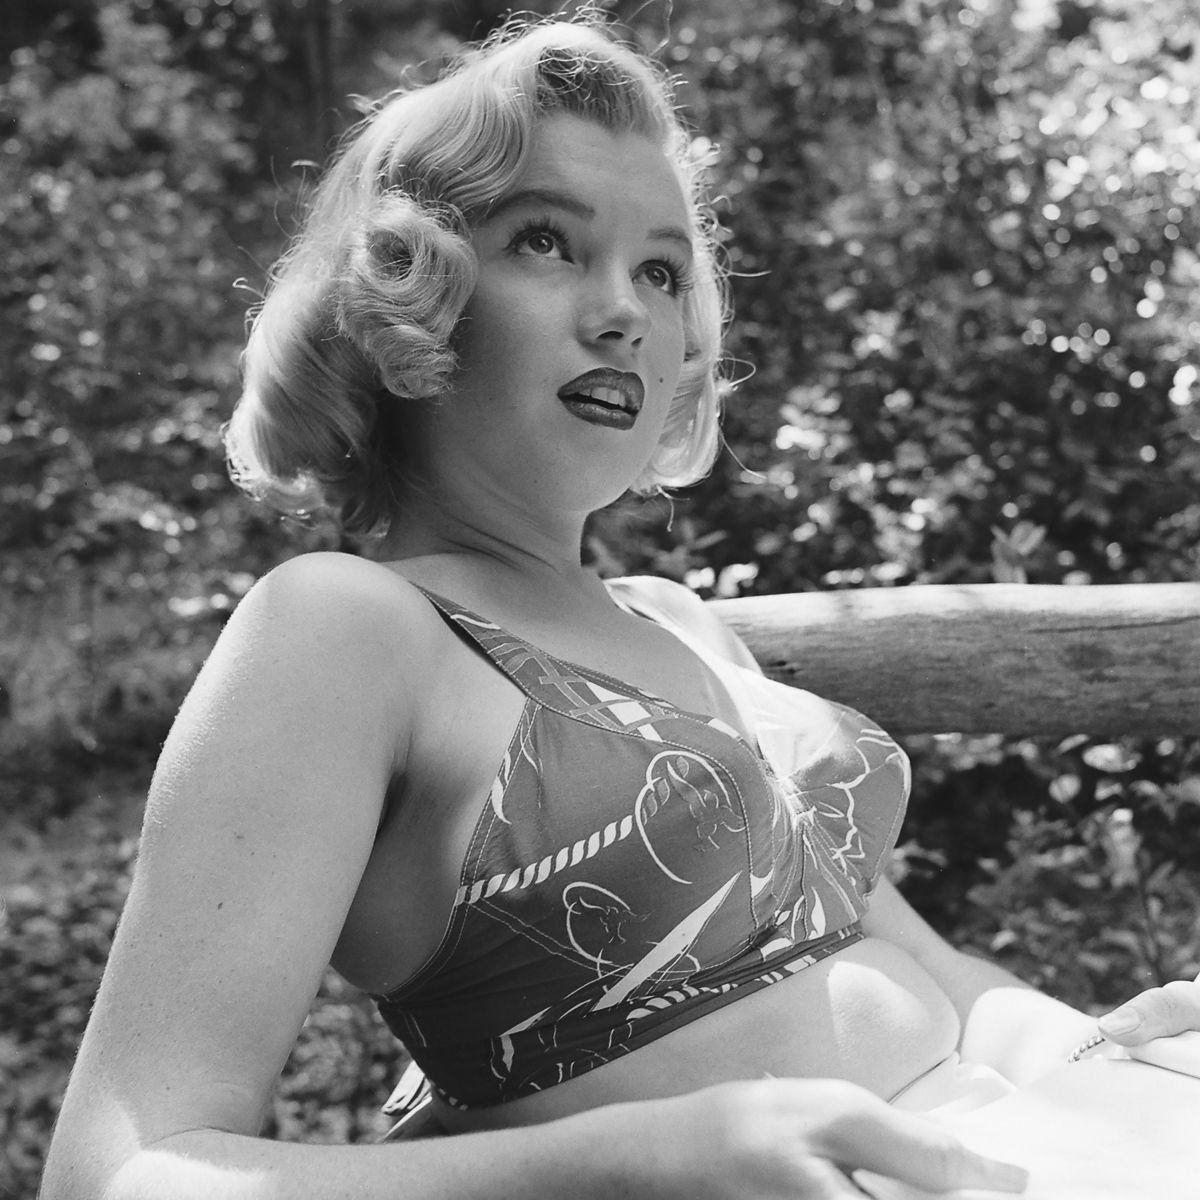 Fotos raras de Marilyn Monroe caminhando no bosque antes de ser famosa 09